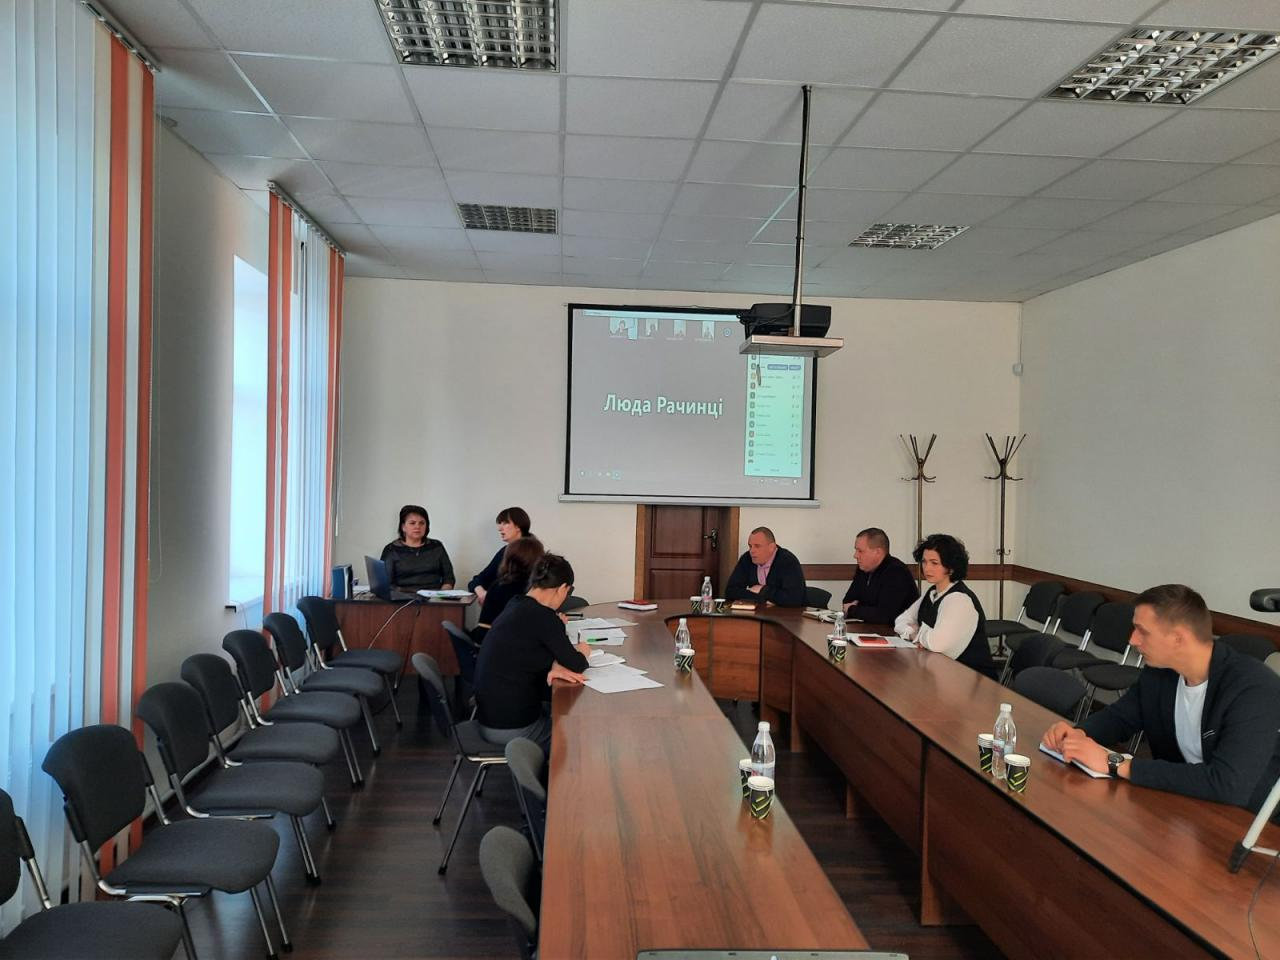 http://dunrada.gov.ua/uploadfile/archive_news/2021/02/23/2021-02-23_2184/images/images-6168.jpg